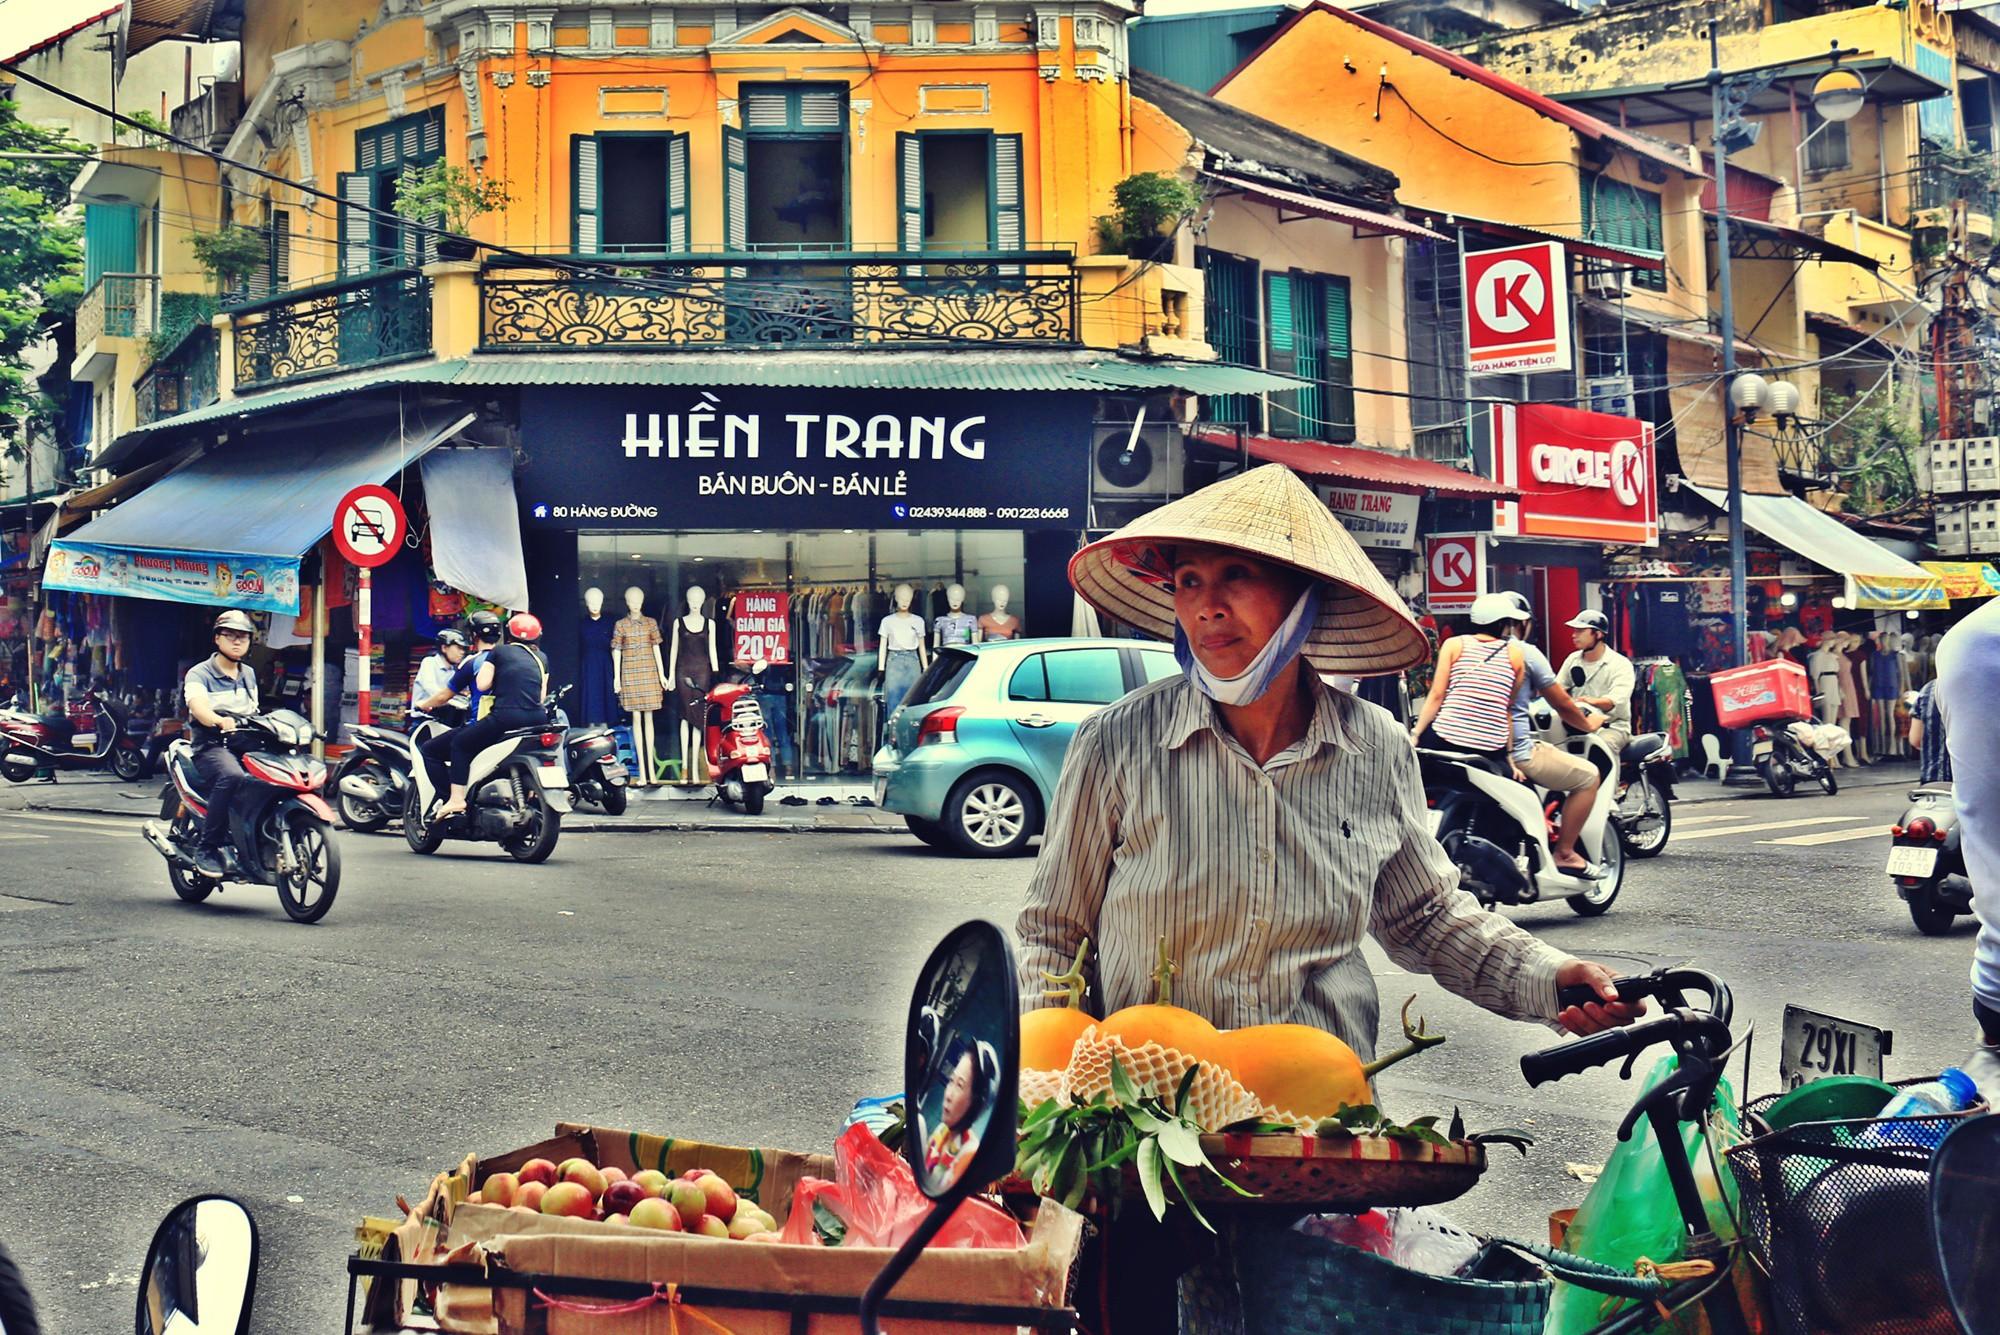 Hà Nội: Chỉnh trang nhiều ngôi nhà trên phố cổ để hút du khách - Ảnh 5.